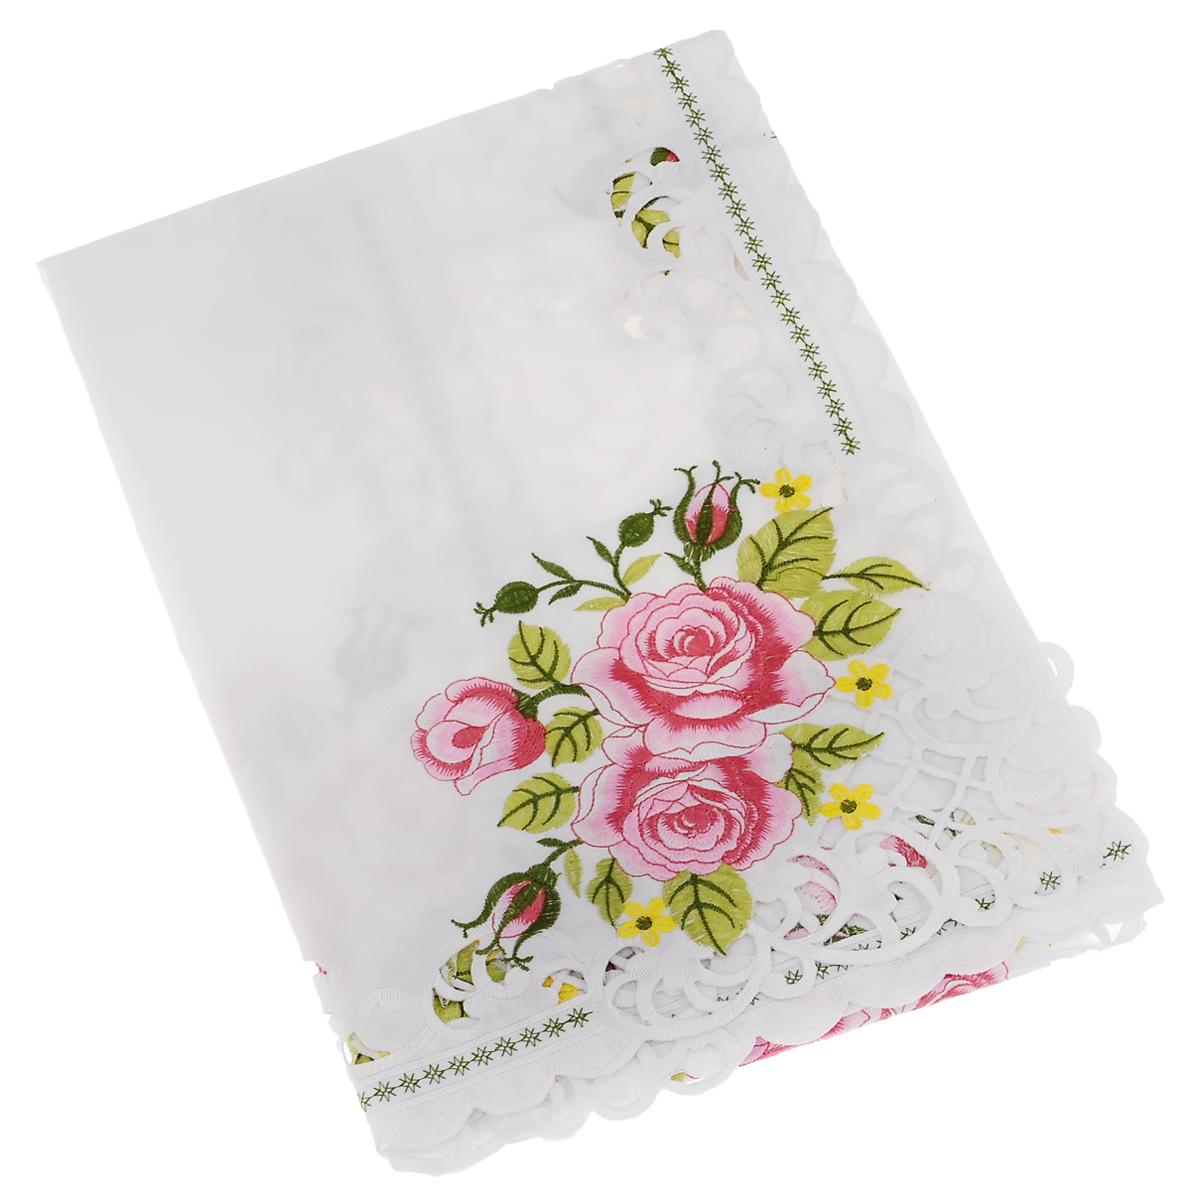 Скатерть Schaefer, квадратная, цвет: белый, розовый, желтый, 100 х 100 см. 07562-102AMC-00070Скатерть Schaefer выполнена из полиэстера и оформлена шелковой цветочной вышивкой. Изделия из полиэстера легко стирать: они не мнутся, не садятся и быстро сохнут, они более долговечны, чем изделия из натуральных волокон.Скатерть Schaefer не останется не без внимания ваших гостей, а вас будет ежедневно радовать своим позитивом.